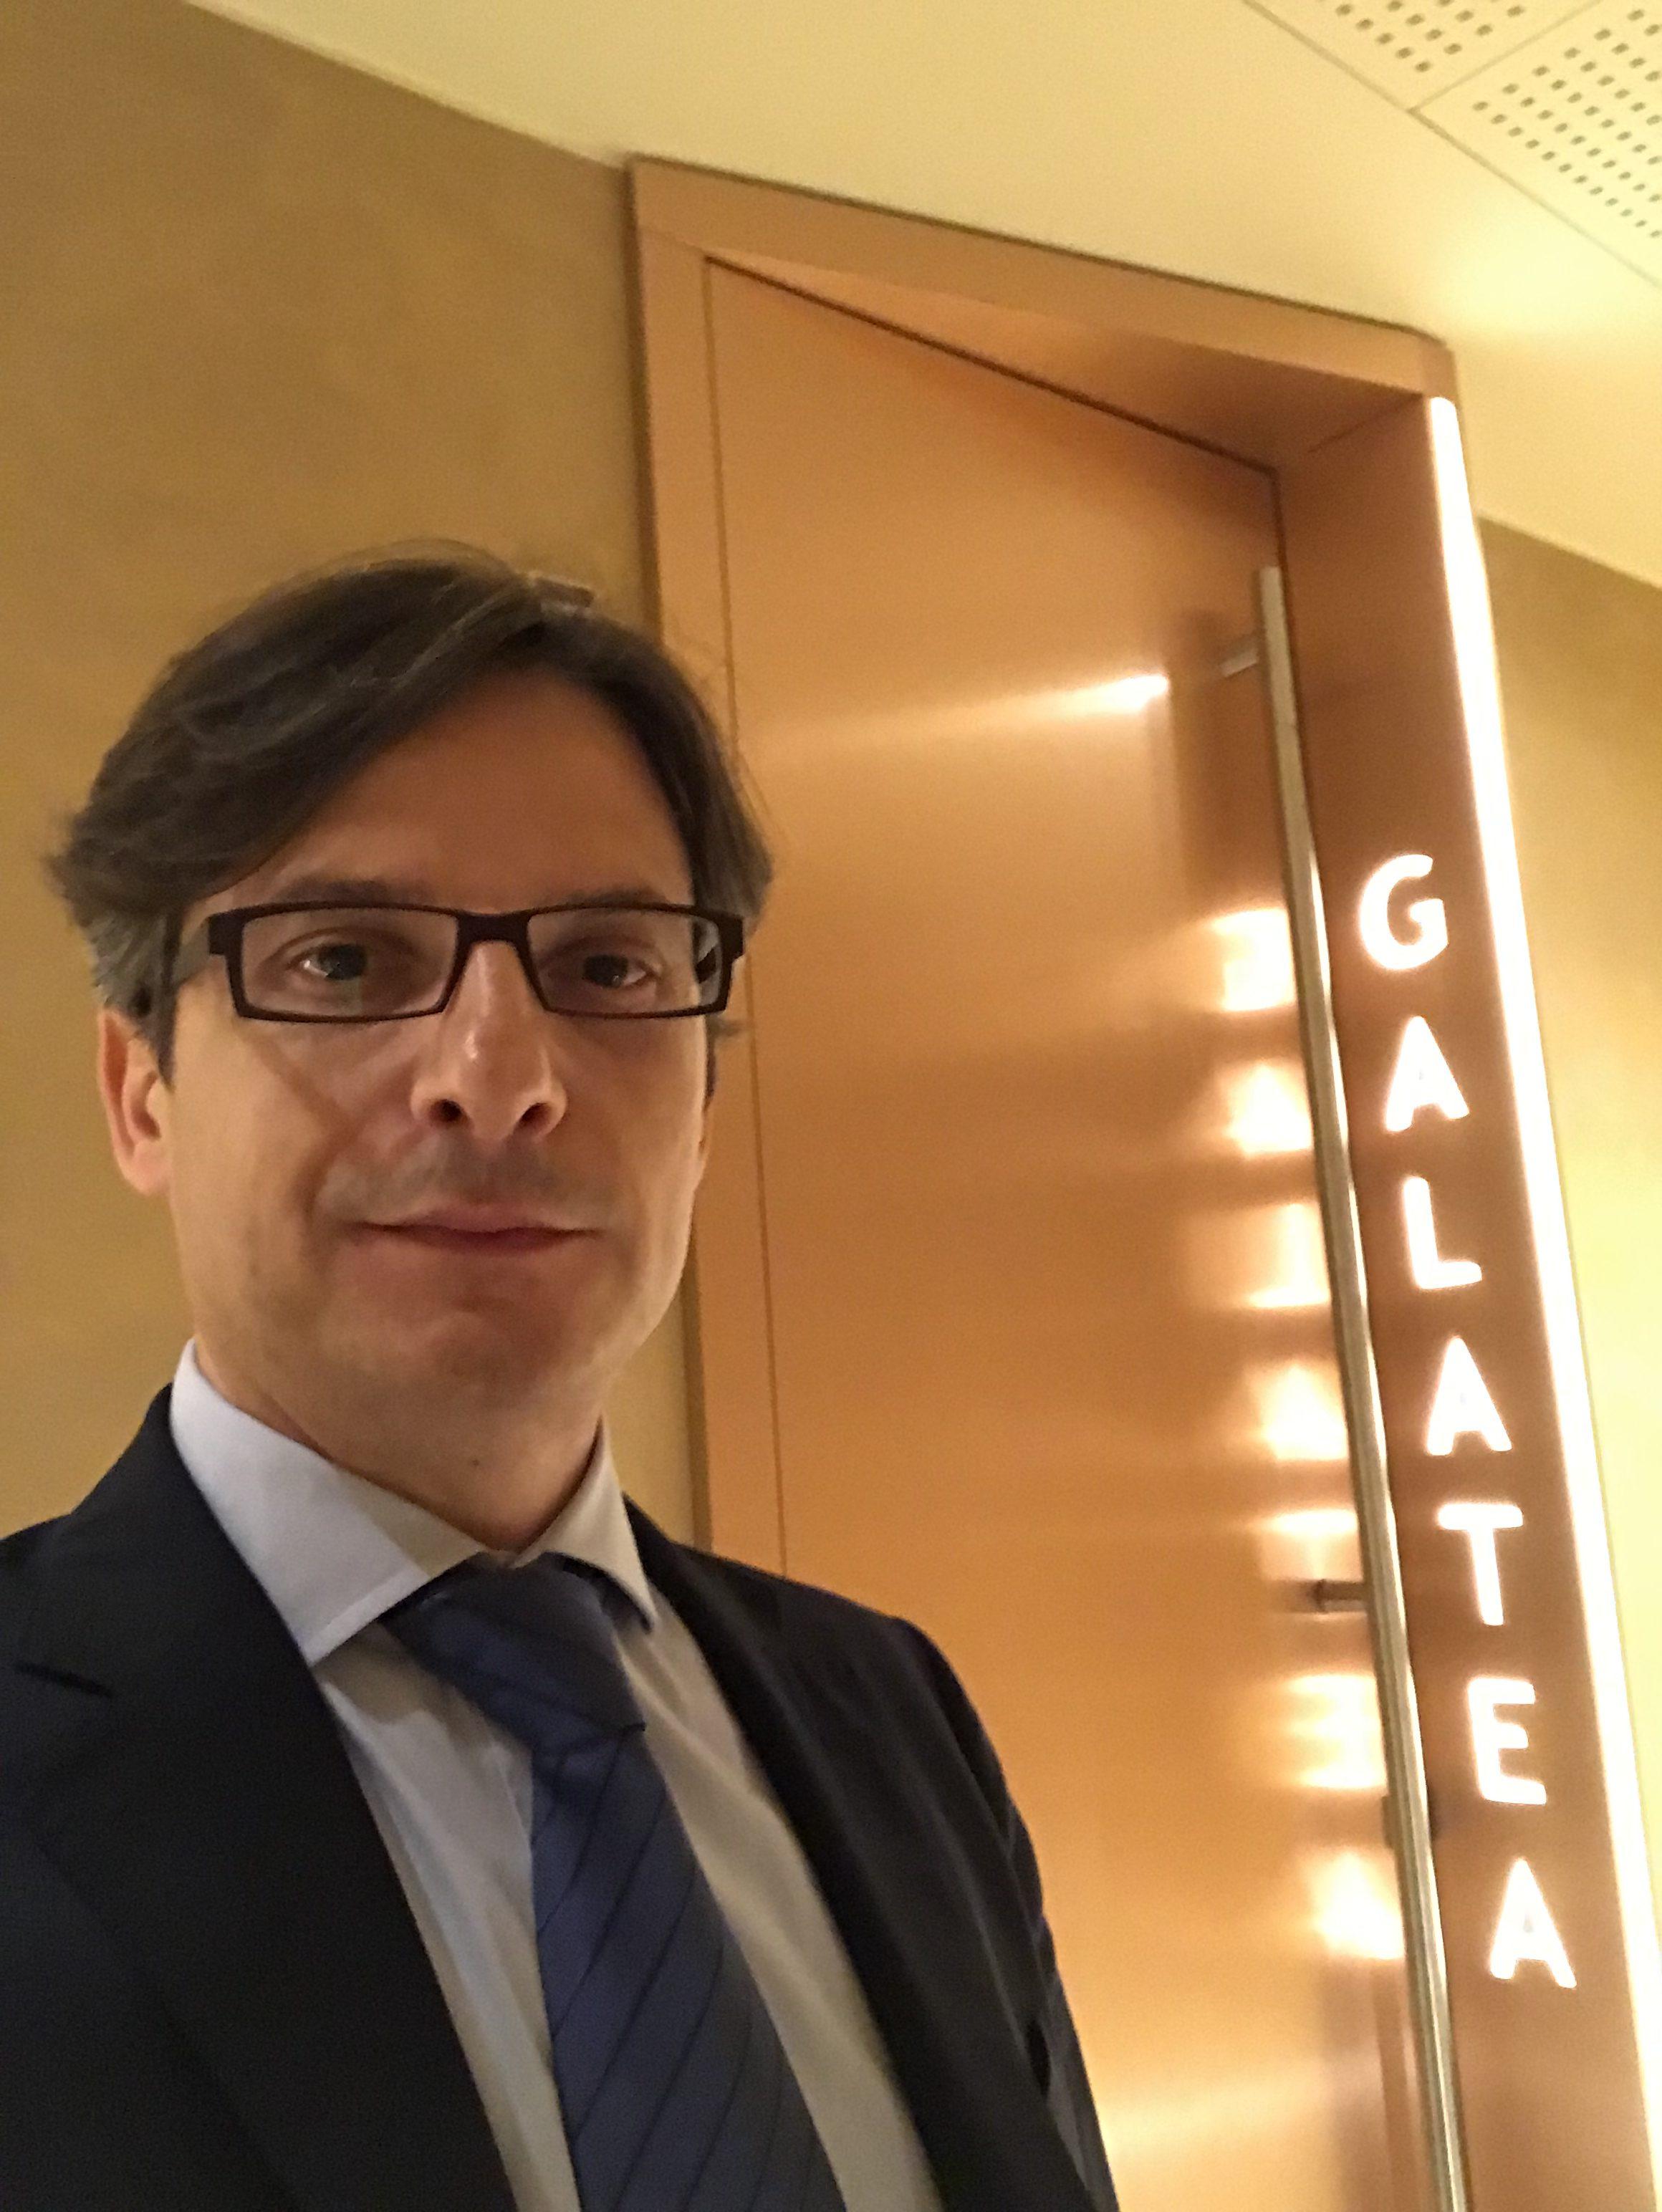 Giulio Galotta